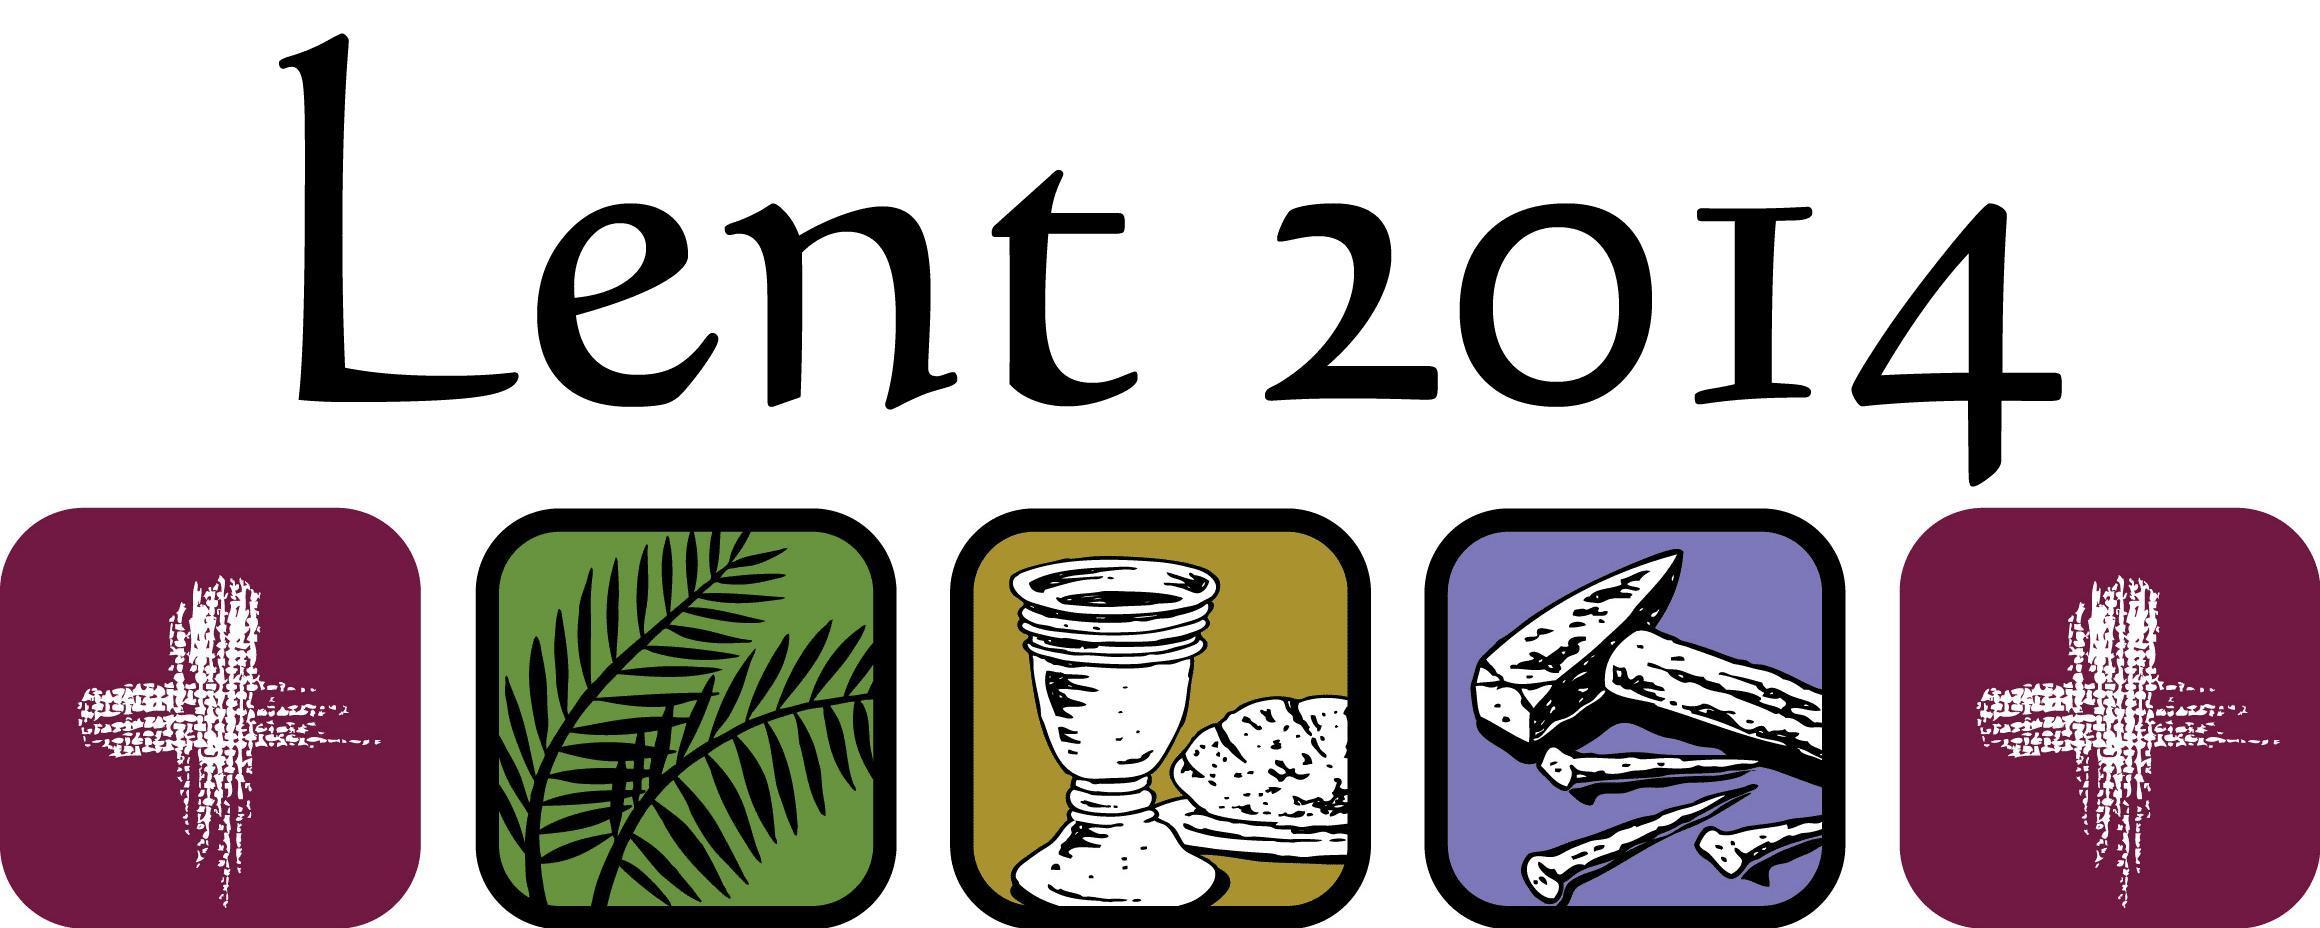 2320x928 Lenten Clipart